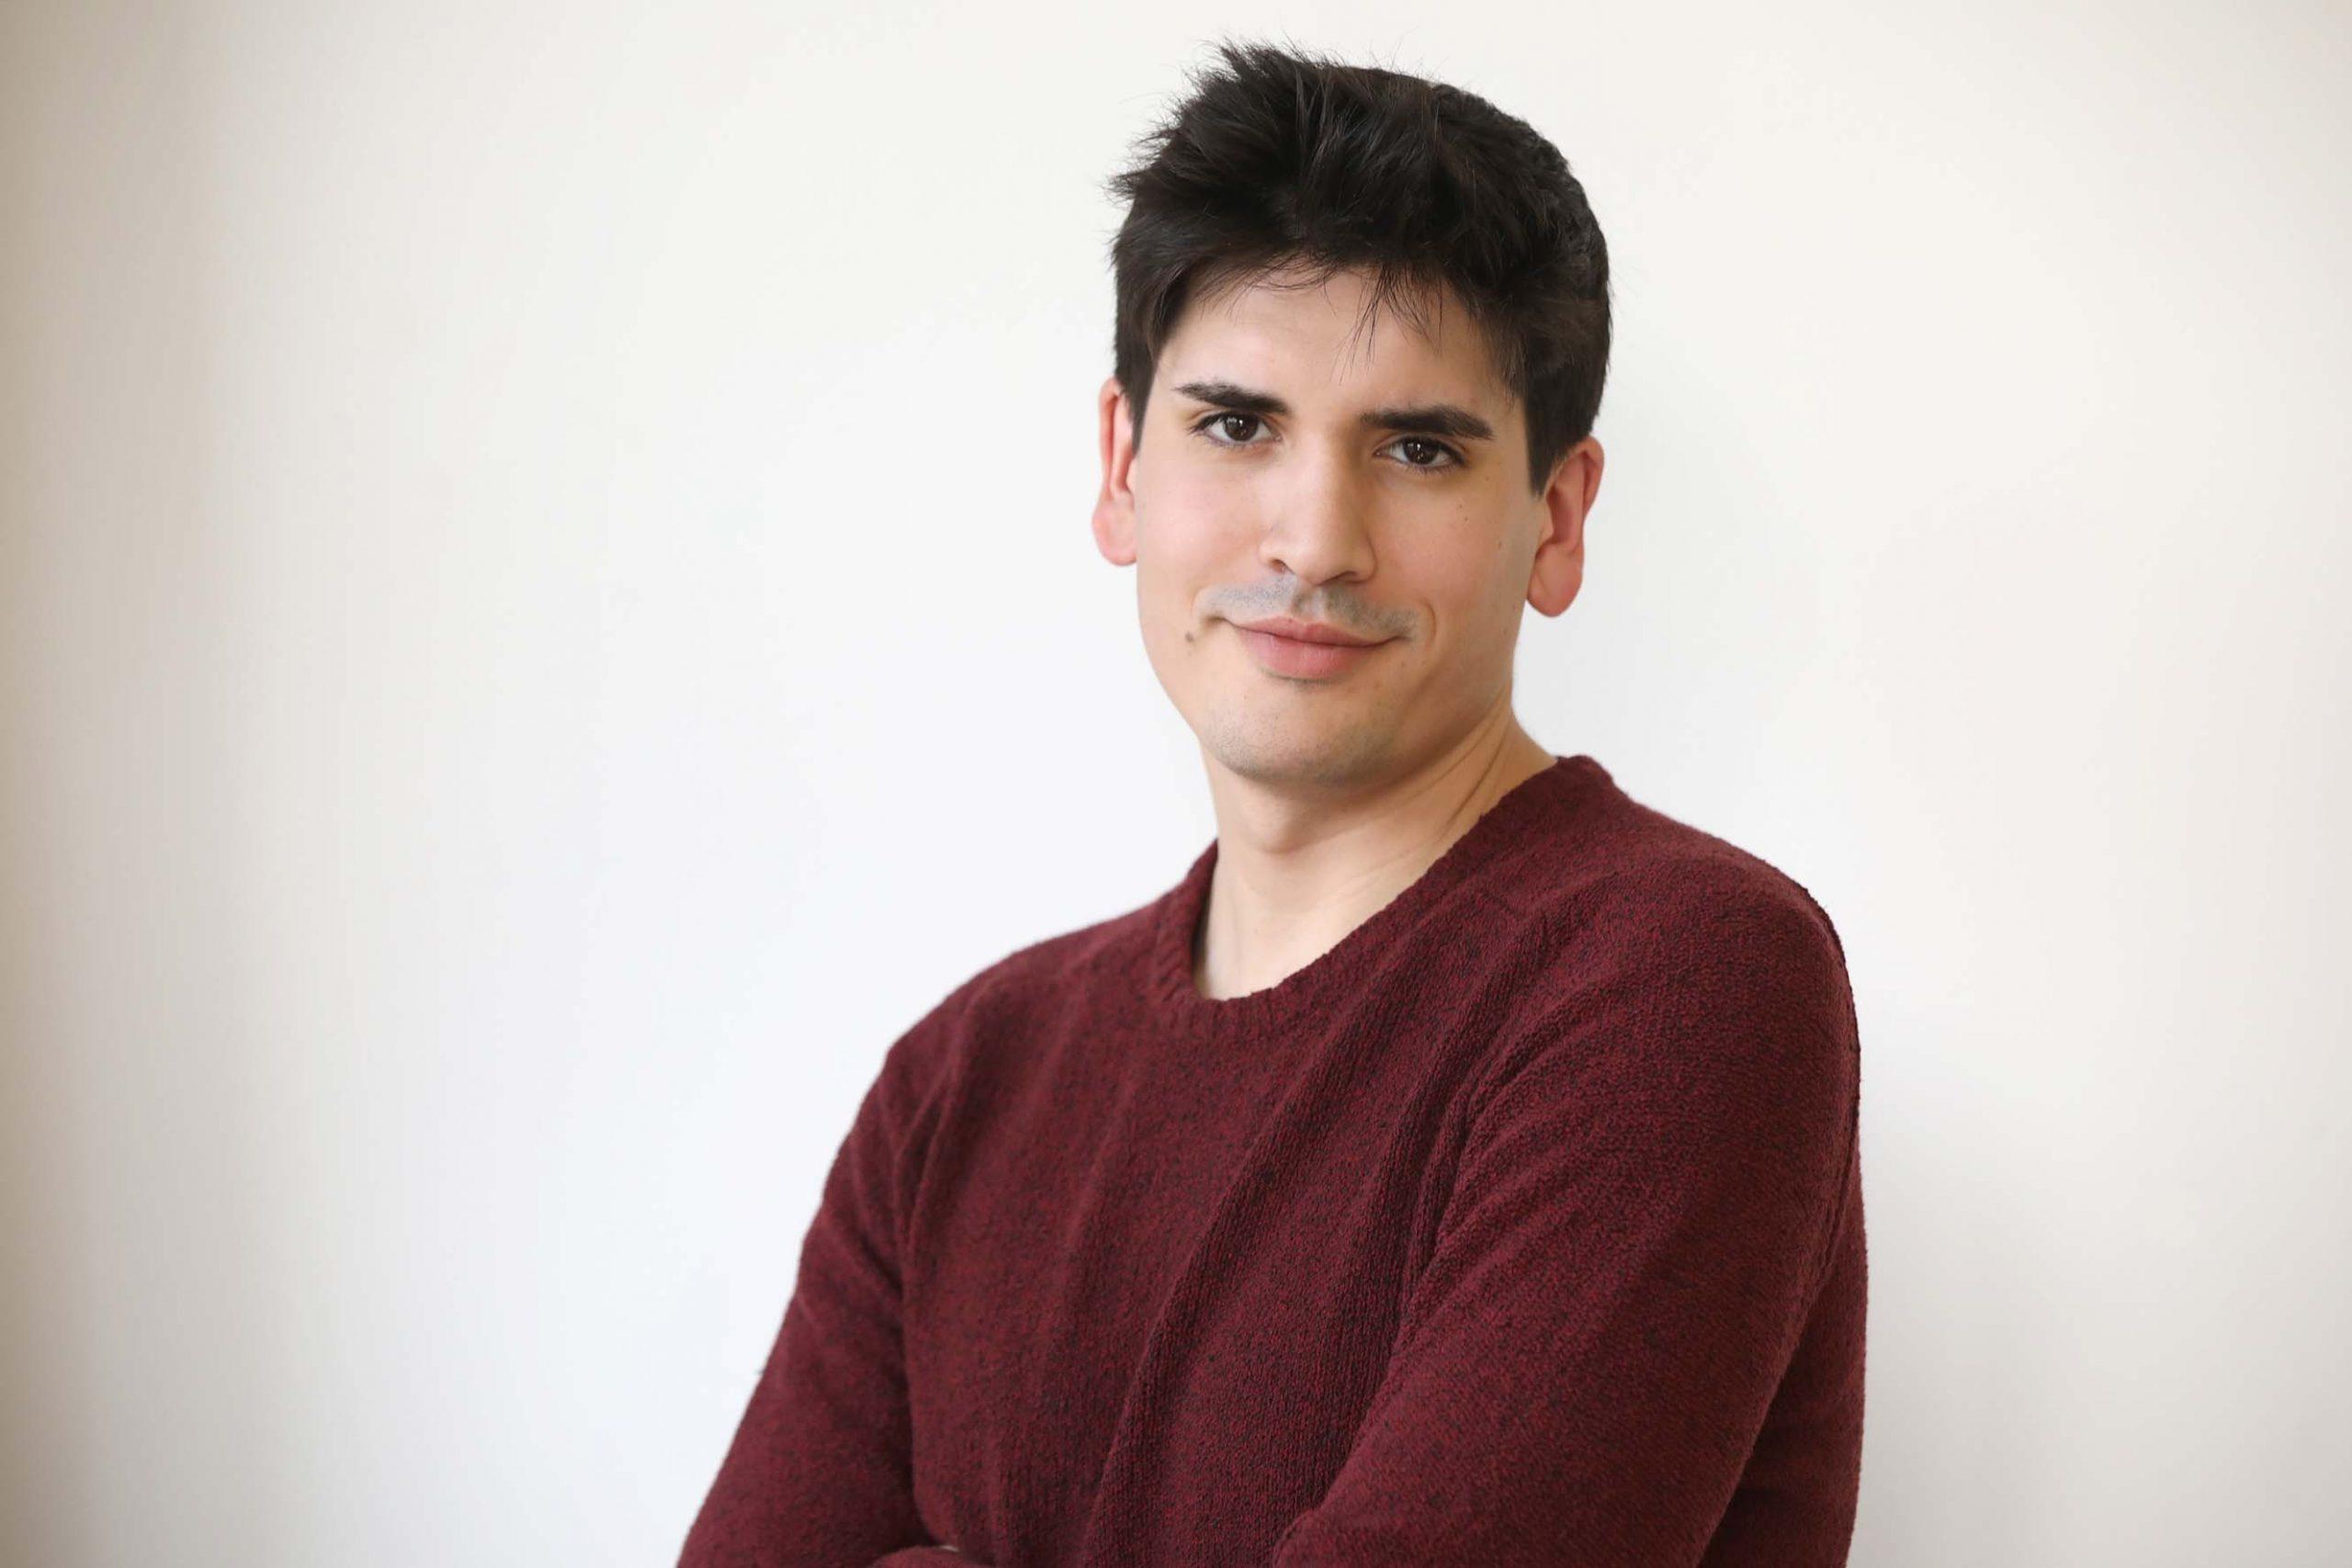 David Cobo